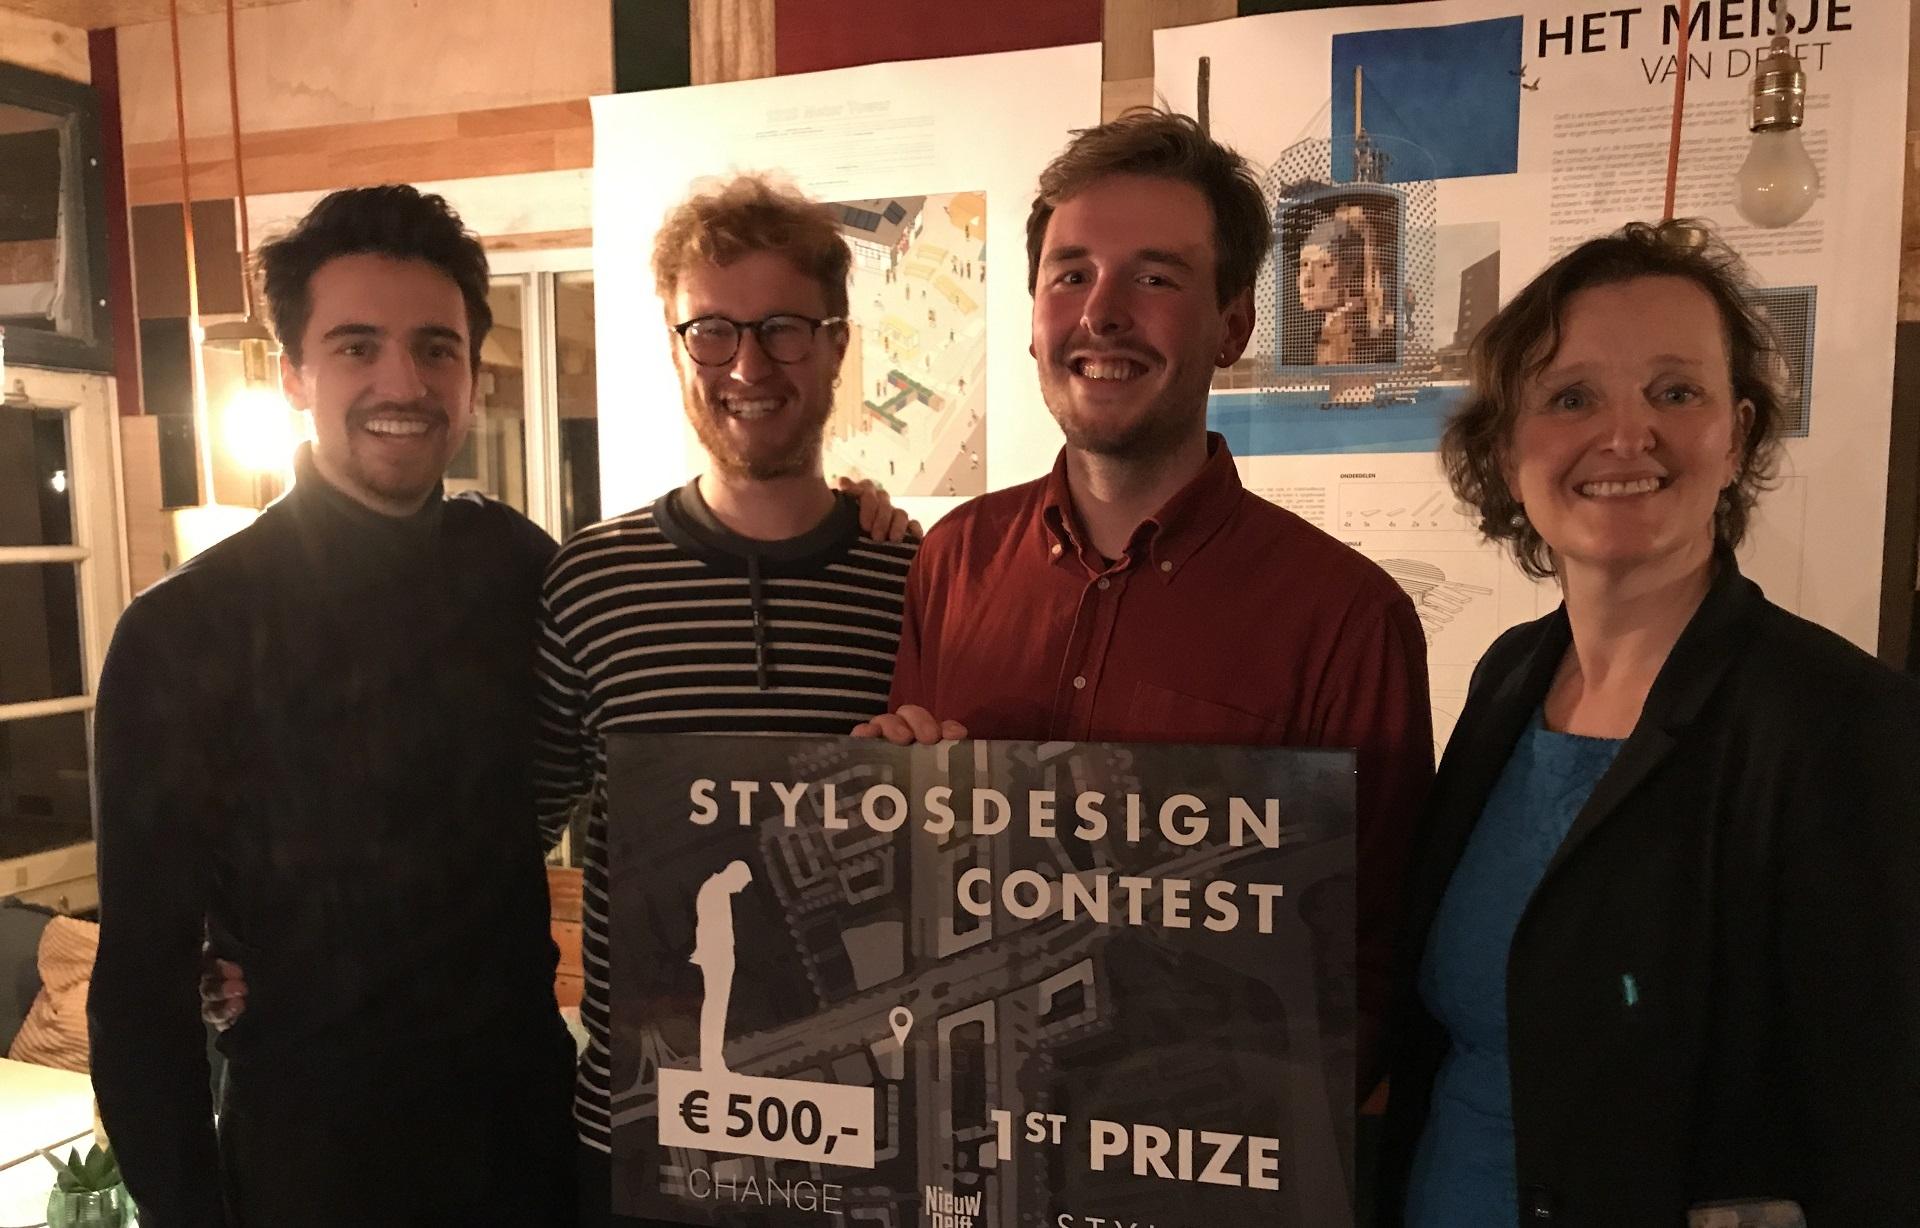 Foto van winnaars Stylosdesign contest samen met wethouder Nieuw Delft